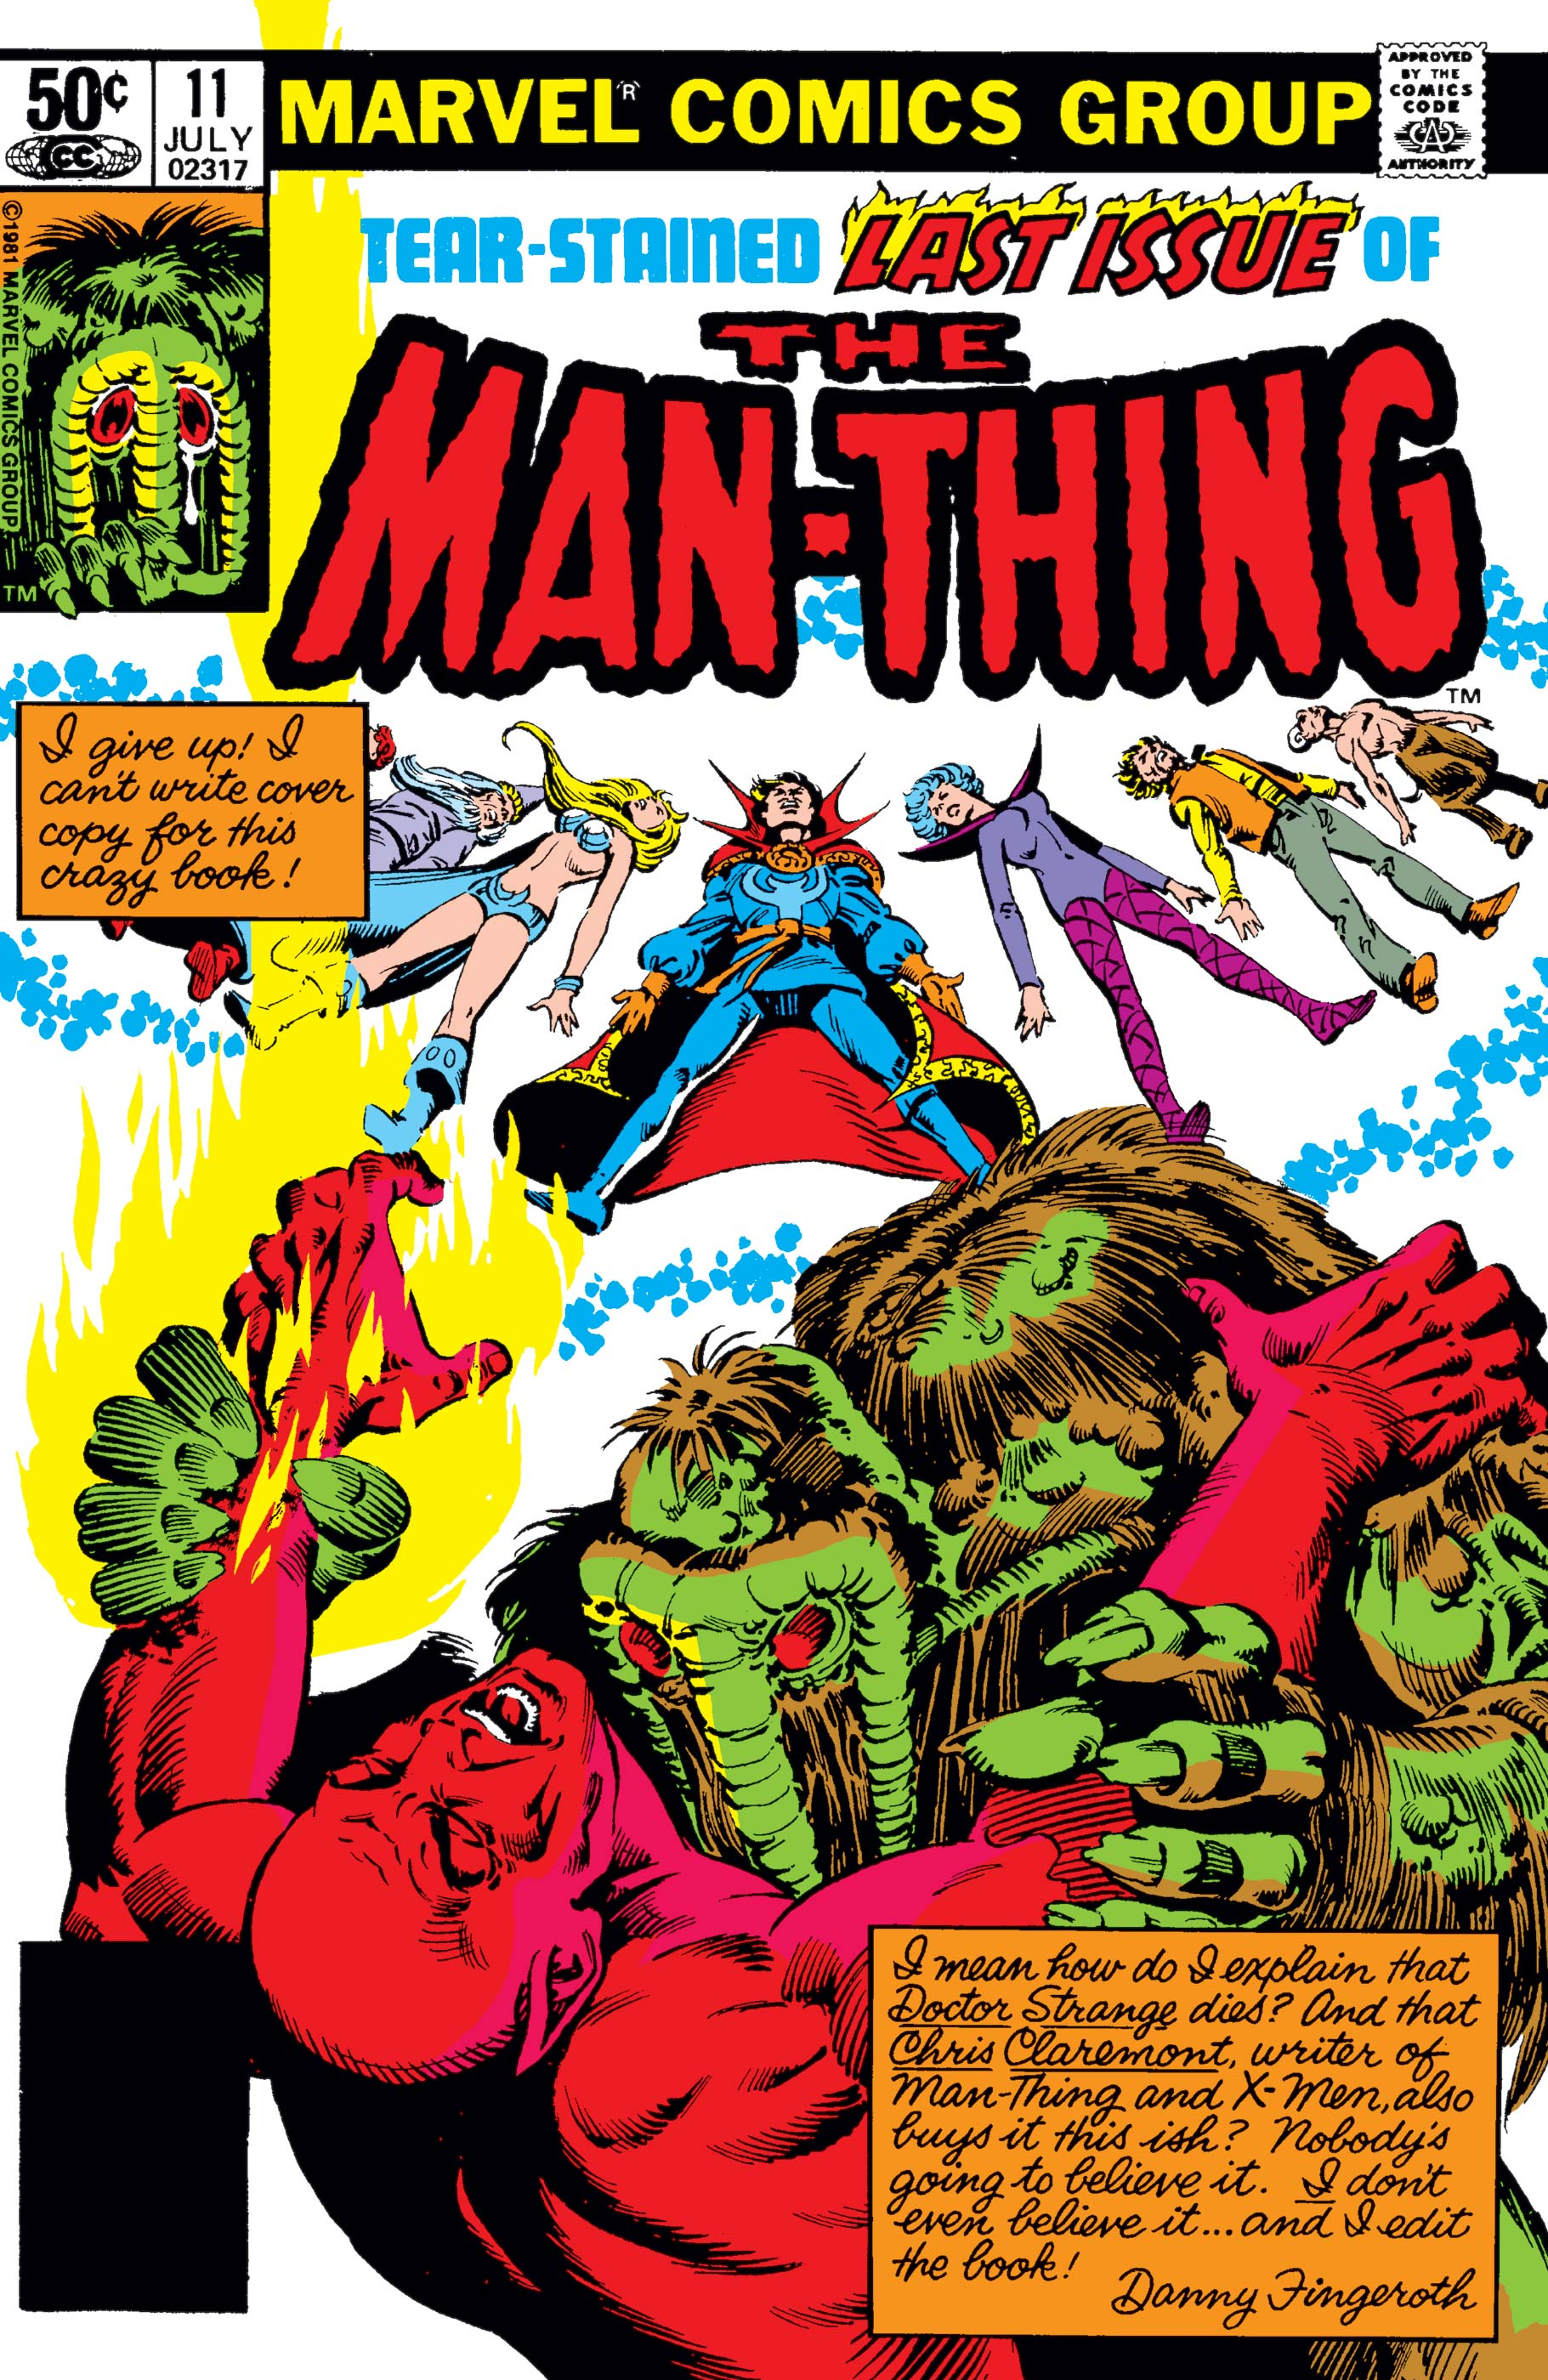 Man-Thing (1979) #11